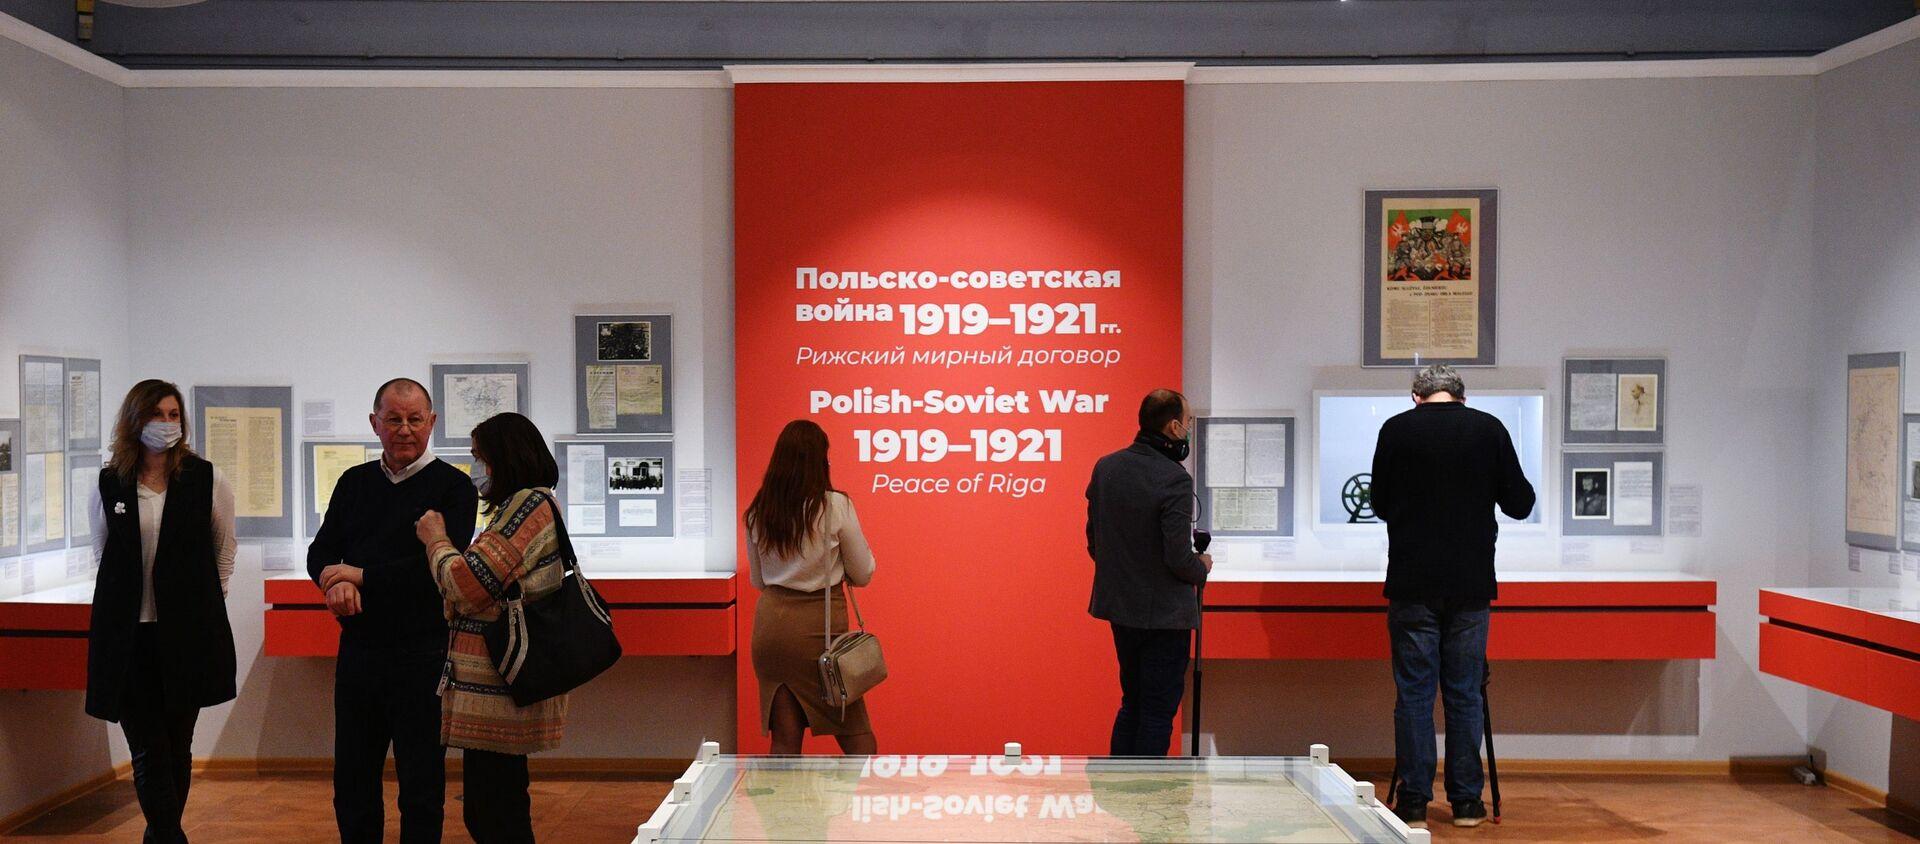 """Wystawa Wojna polsko-bolszewicka 1919-1921. Traktat ryski"""" - Sputnik Polska, 1920, 16.03.2021"""